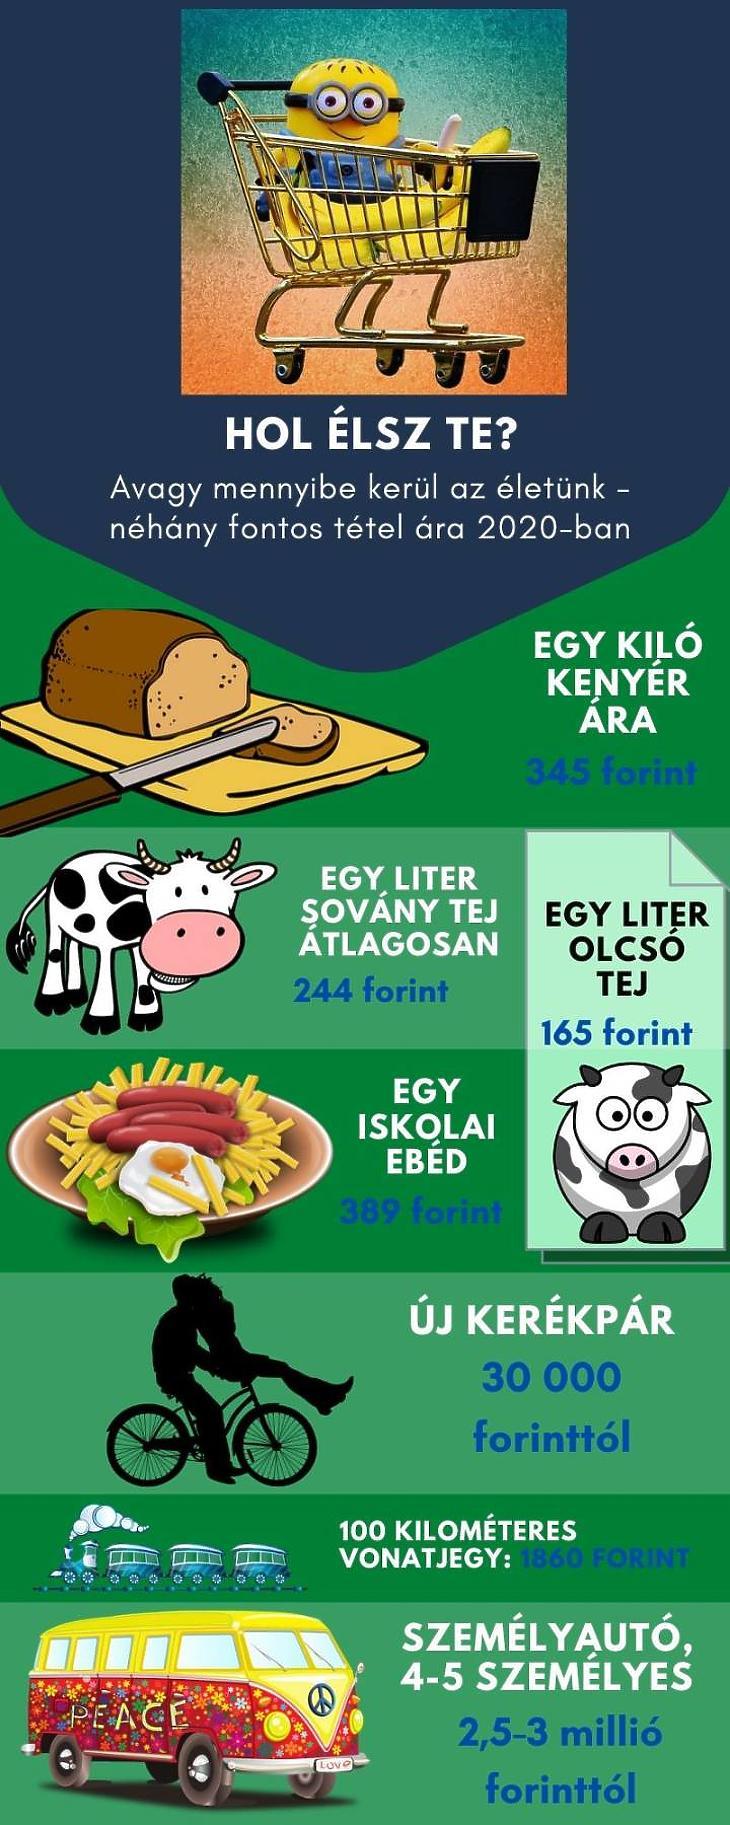 Fontosabb termékek árai (Grafika: Canva.com, Pixabay.com)